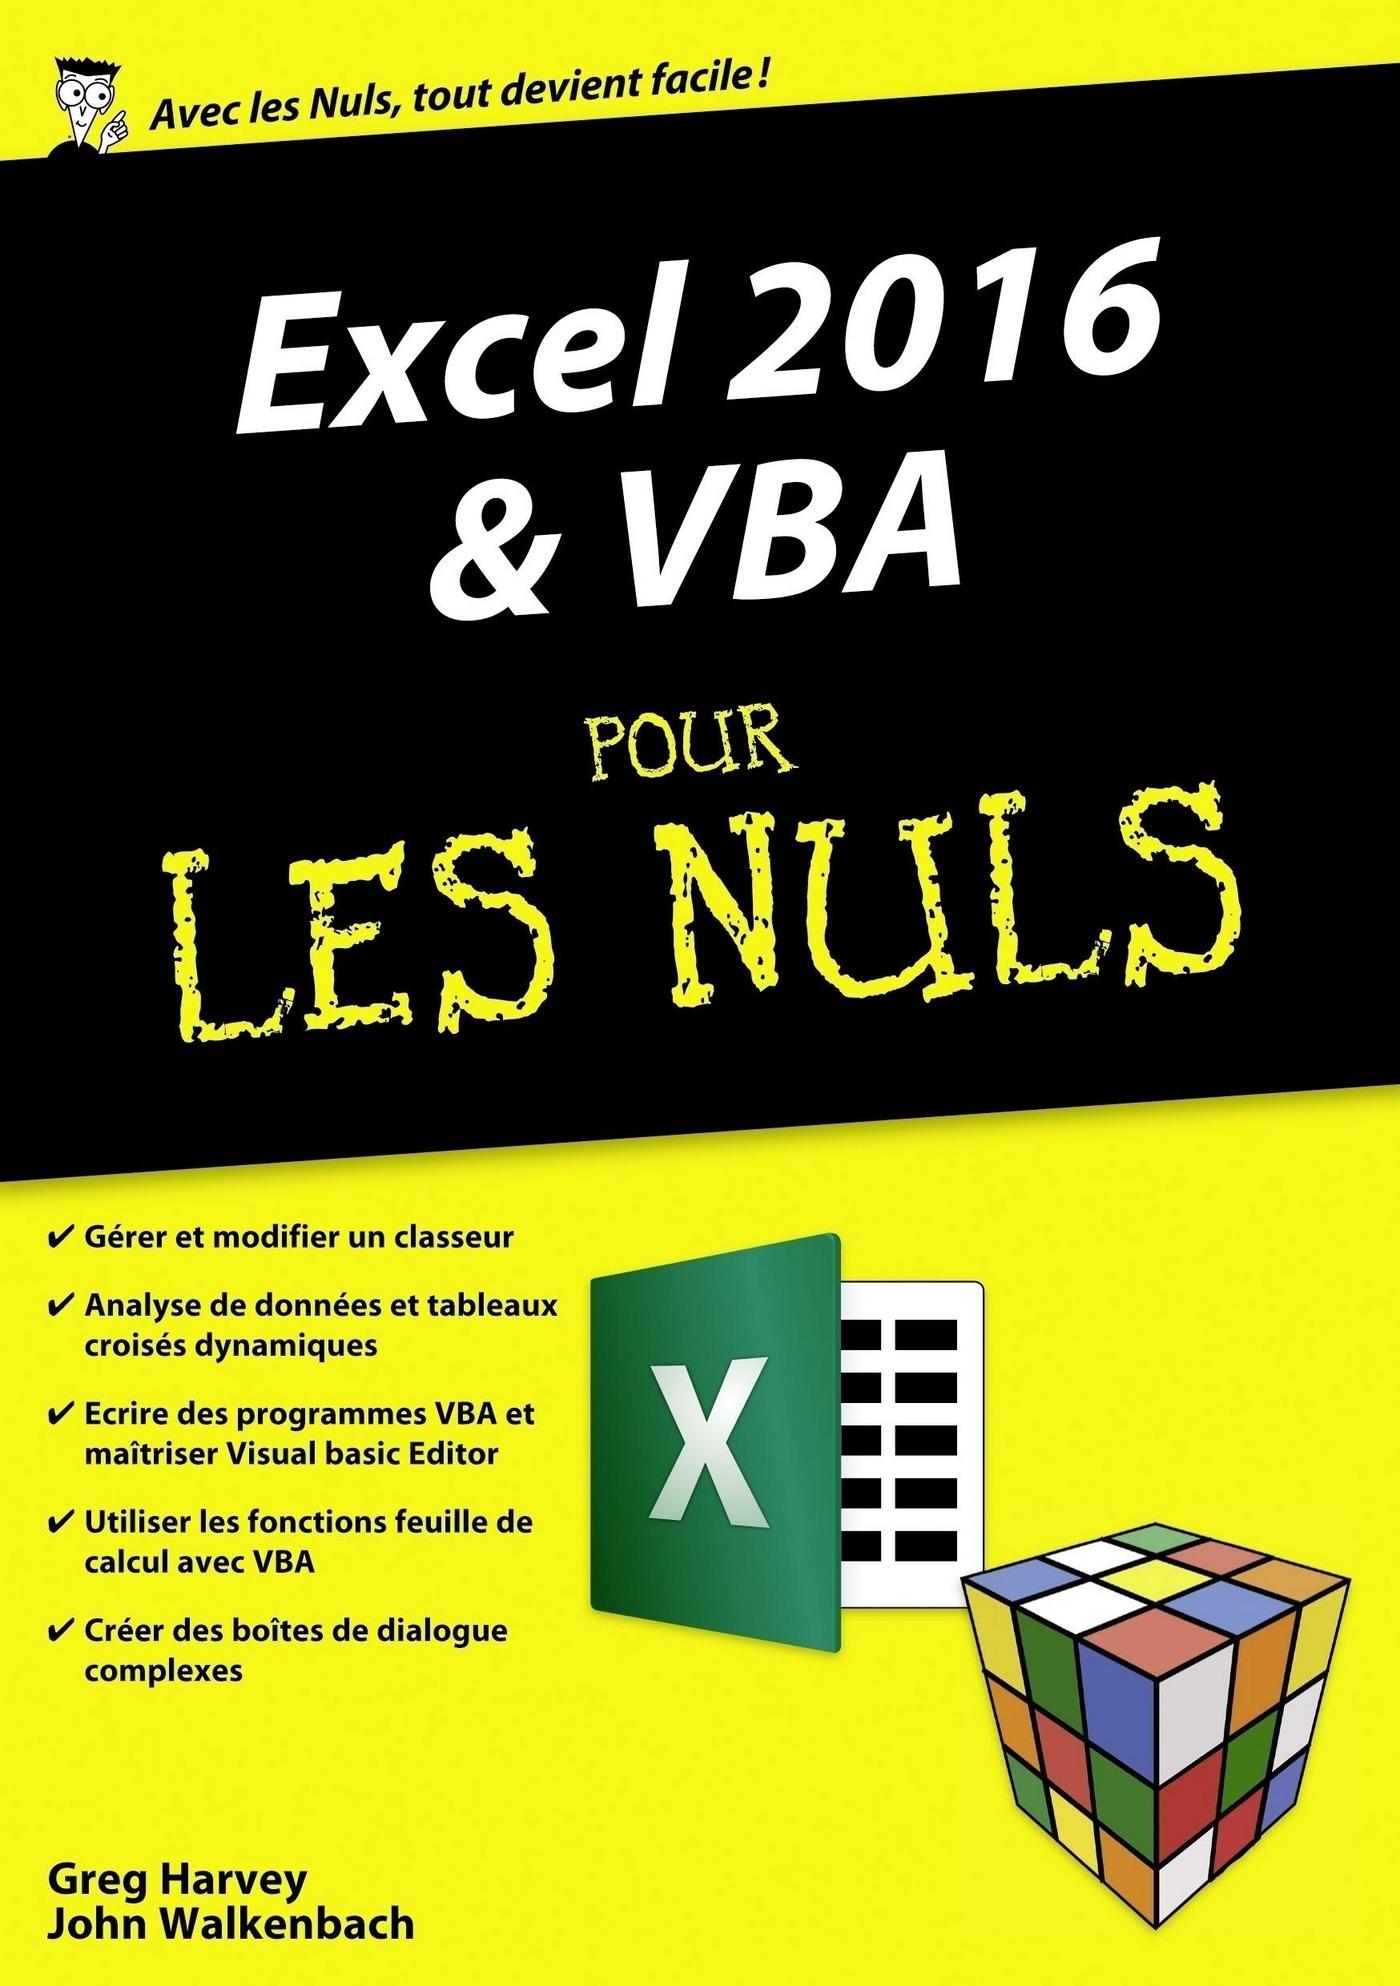 Excel 2016 et VBA pour les Nuls mégapoche (ebook)